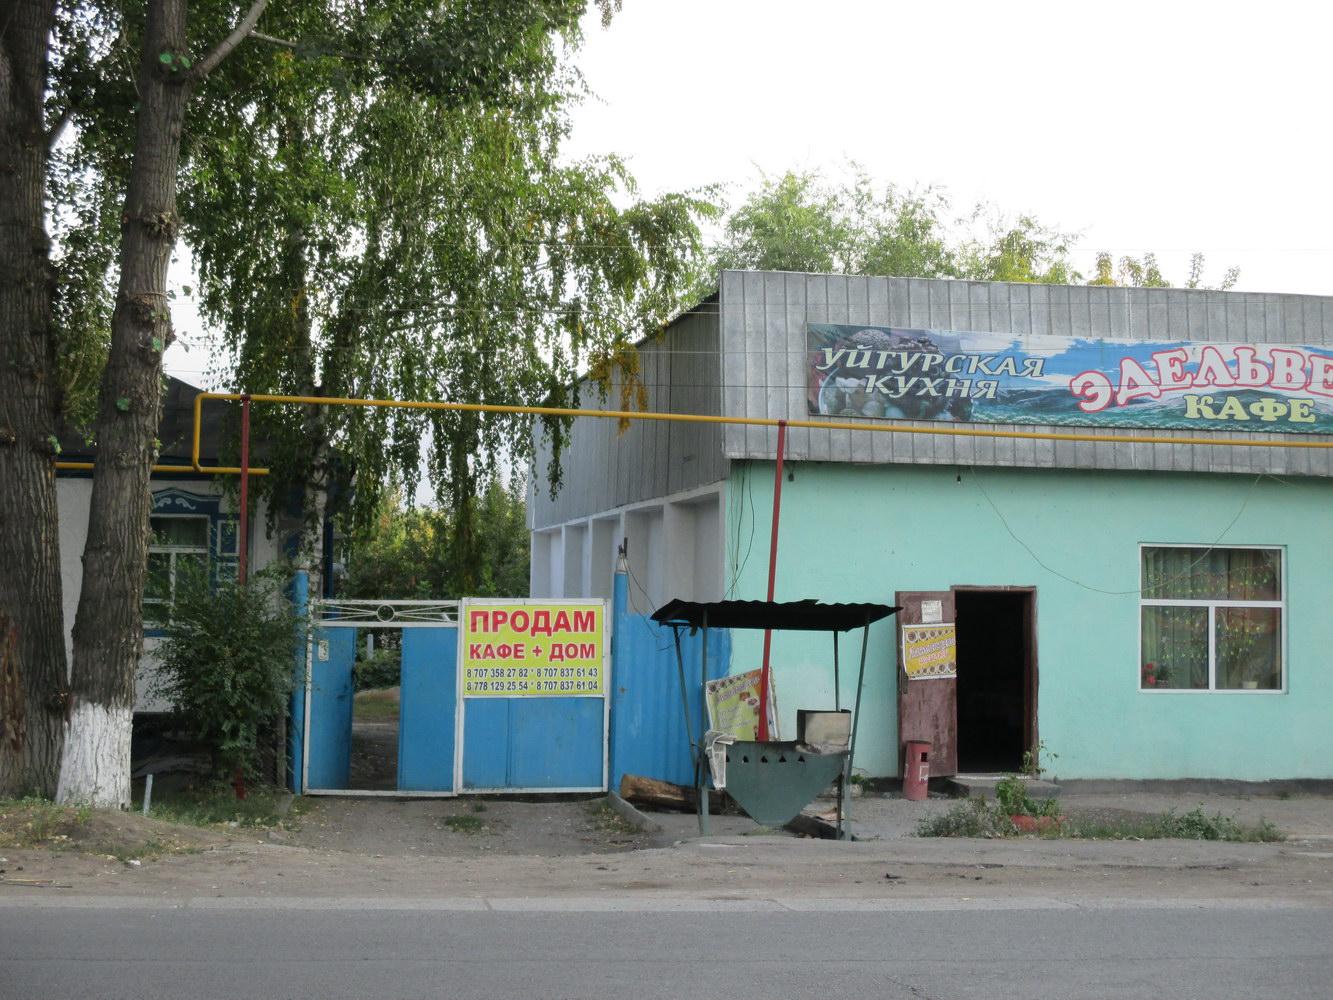 ад на земле. уйгурская кухня из собак и лошадей. узургаш. казахстан